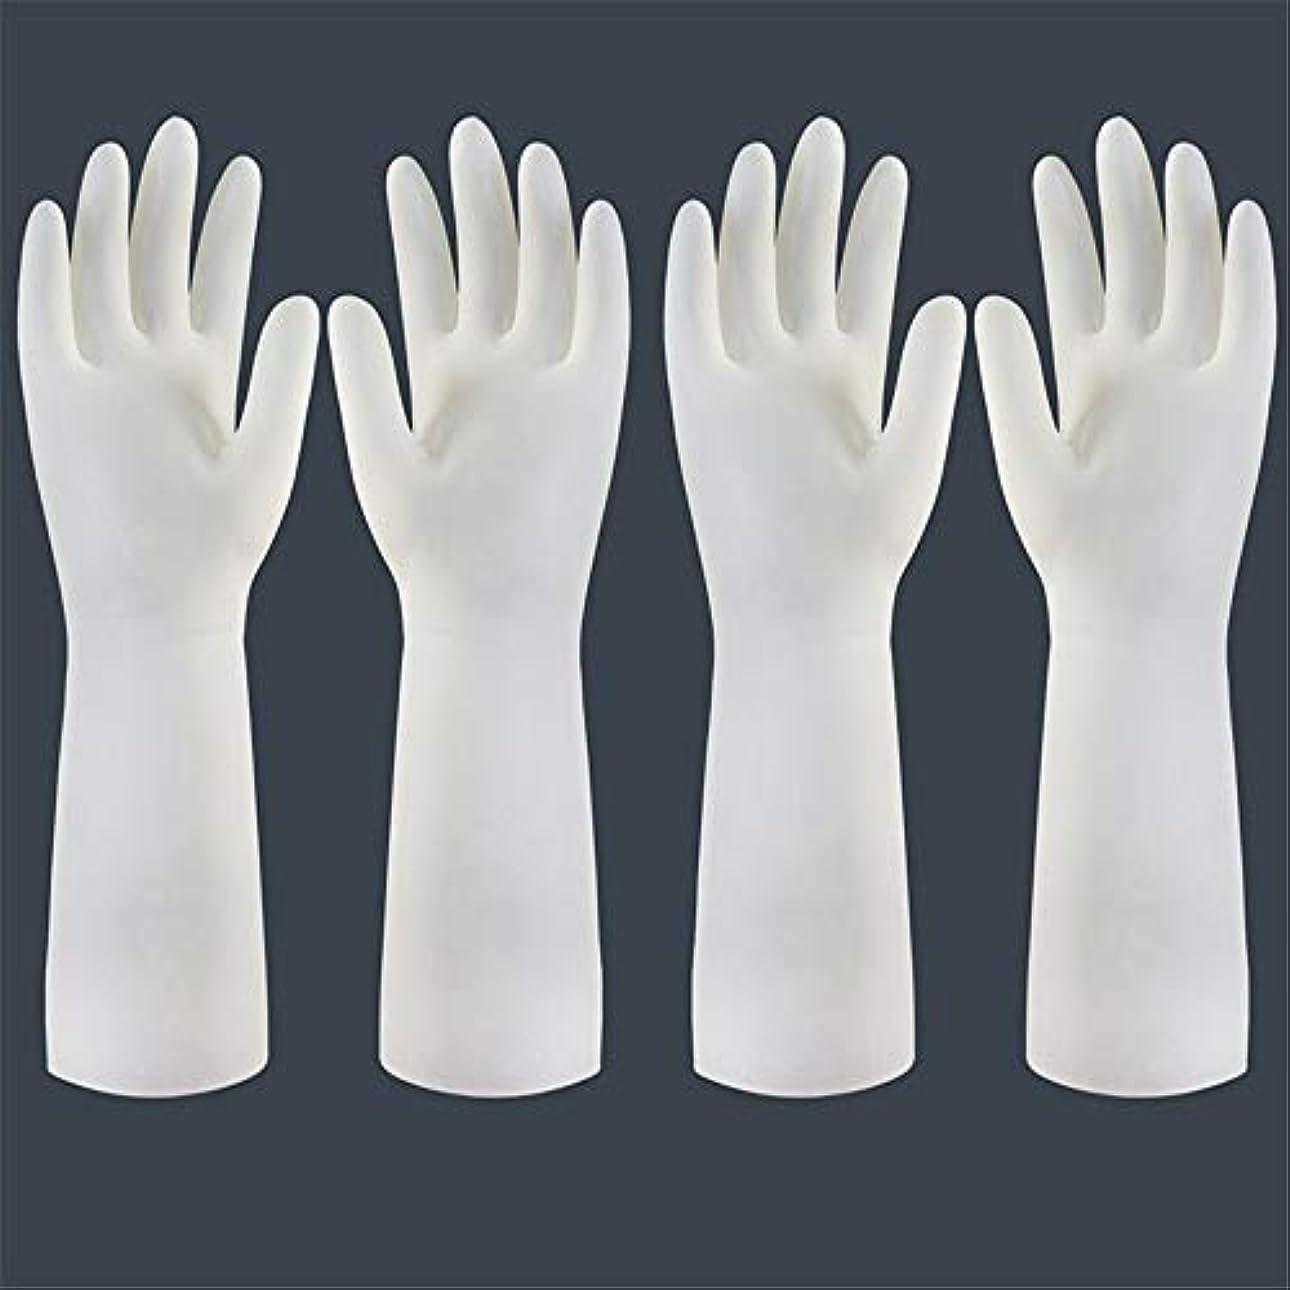 結果クラブ天気使い捨て手袋 使い捨て手袋の防水および耐久のゴム製台所手袋、小/中/大 ニトリルゴム手袋 (Color : Long-2 pair, Size : S)